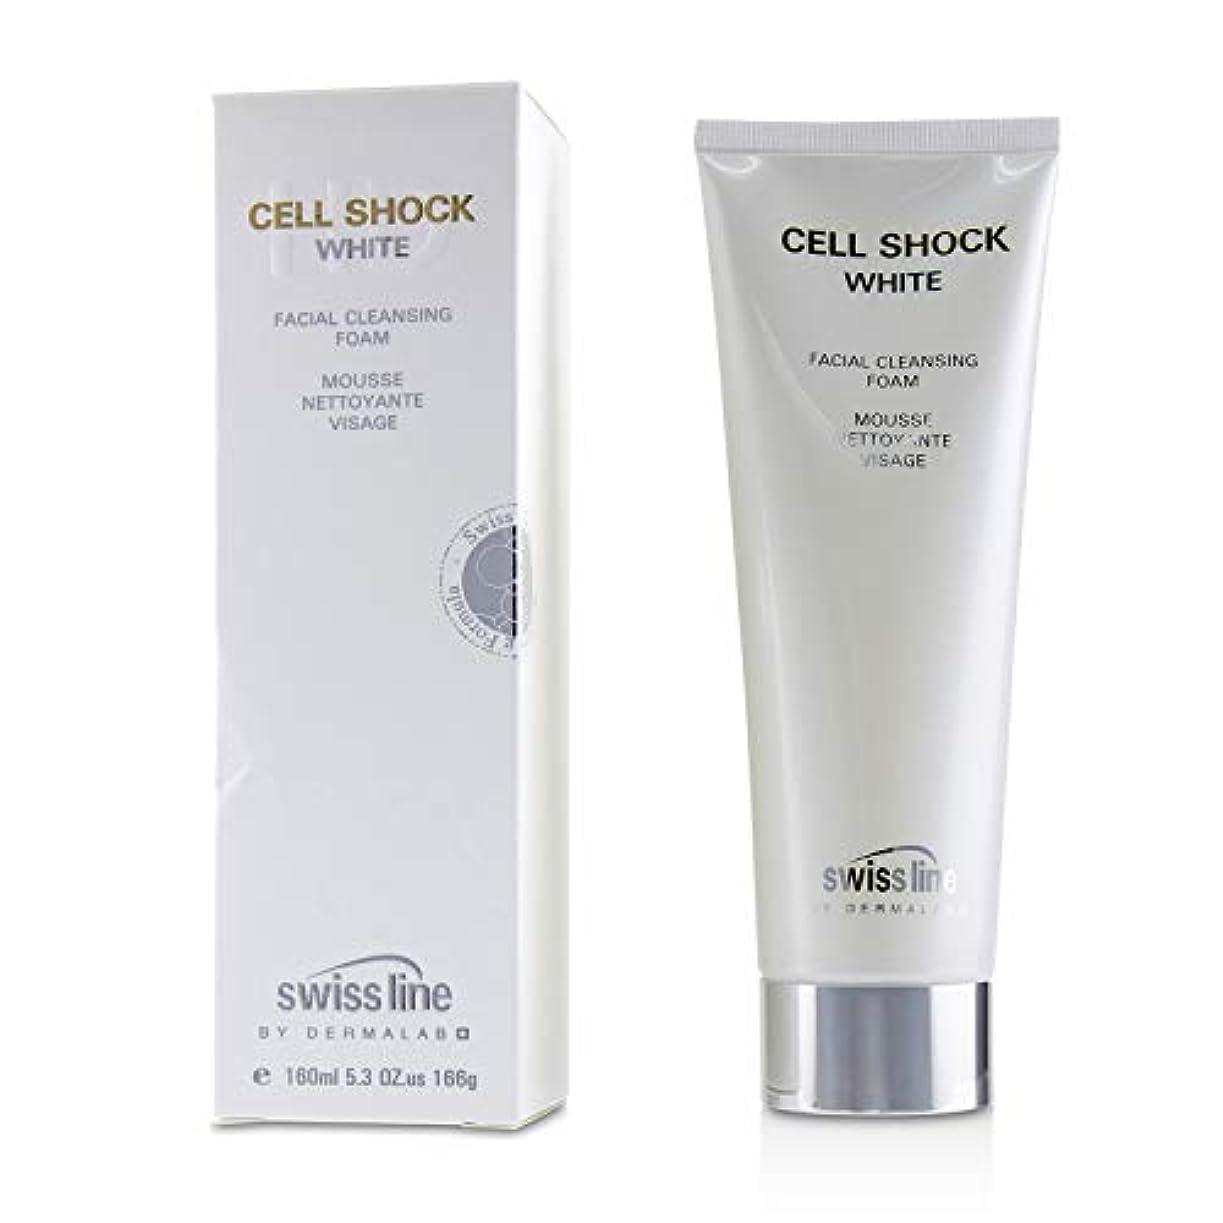 初期の有力者曲げるスイスライン Cell Shock White Facial Cleansing Foam 160ml/5.3oz並行輸入品